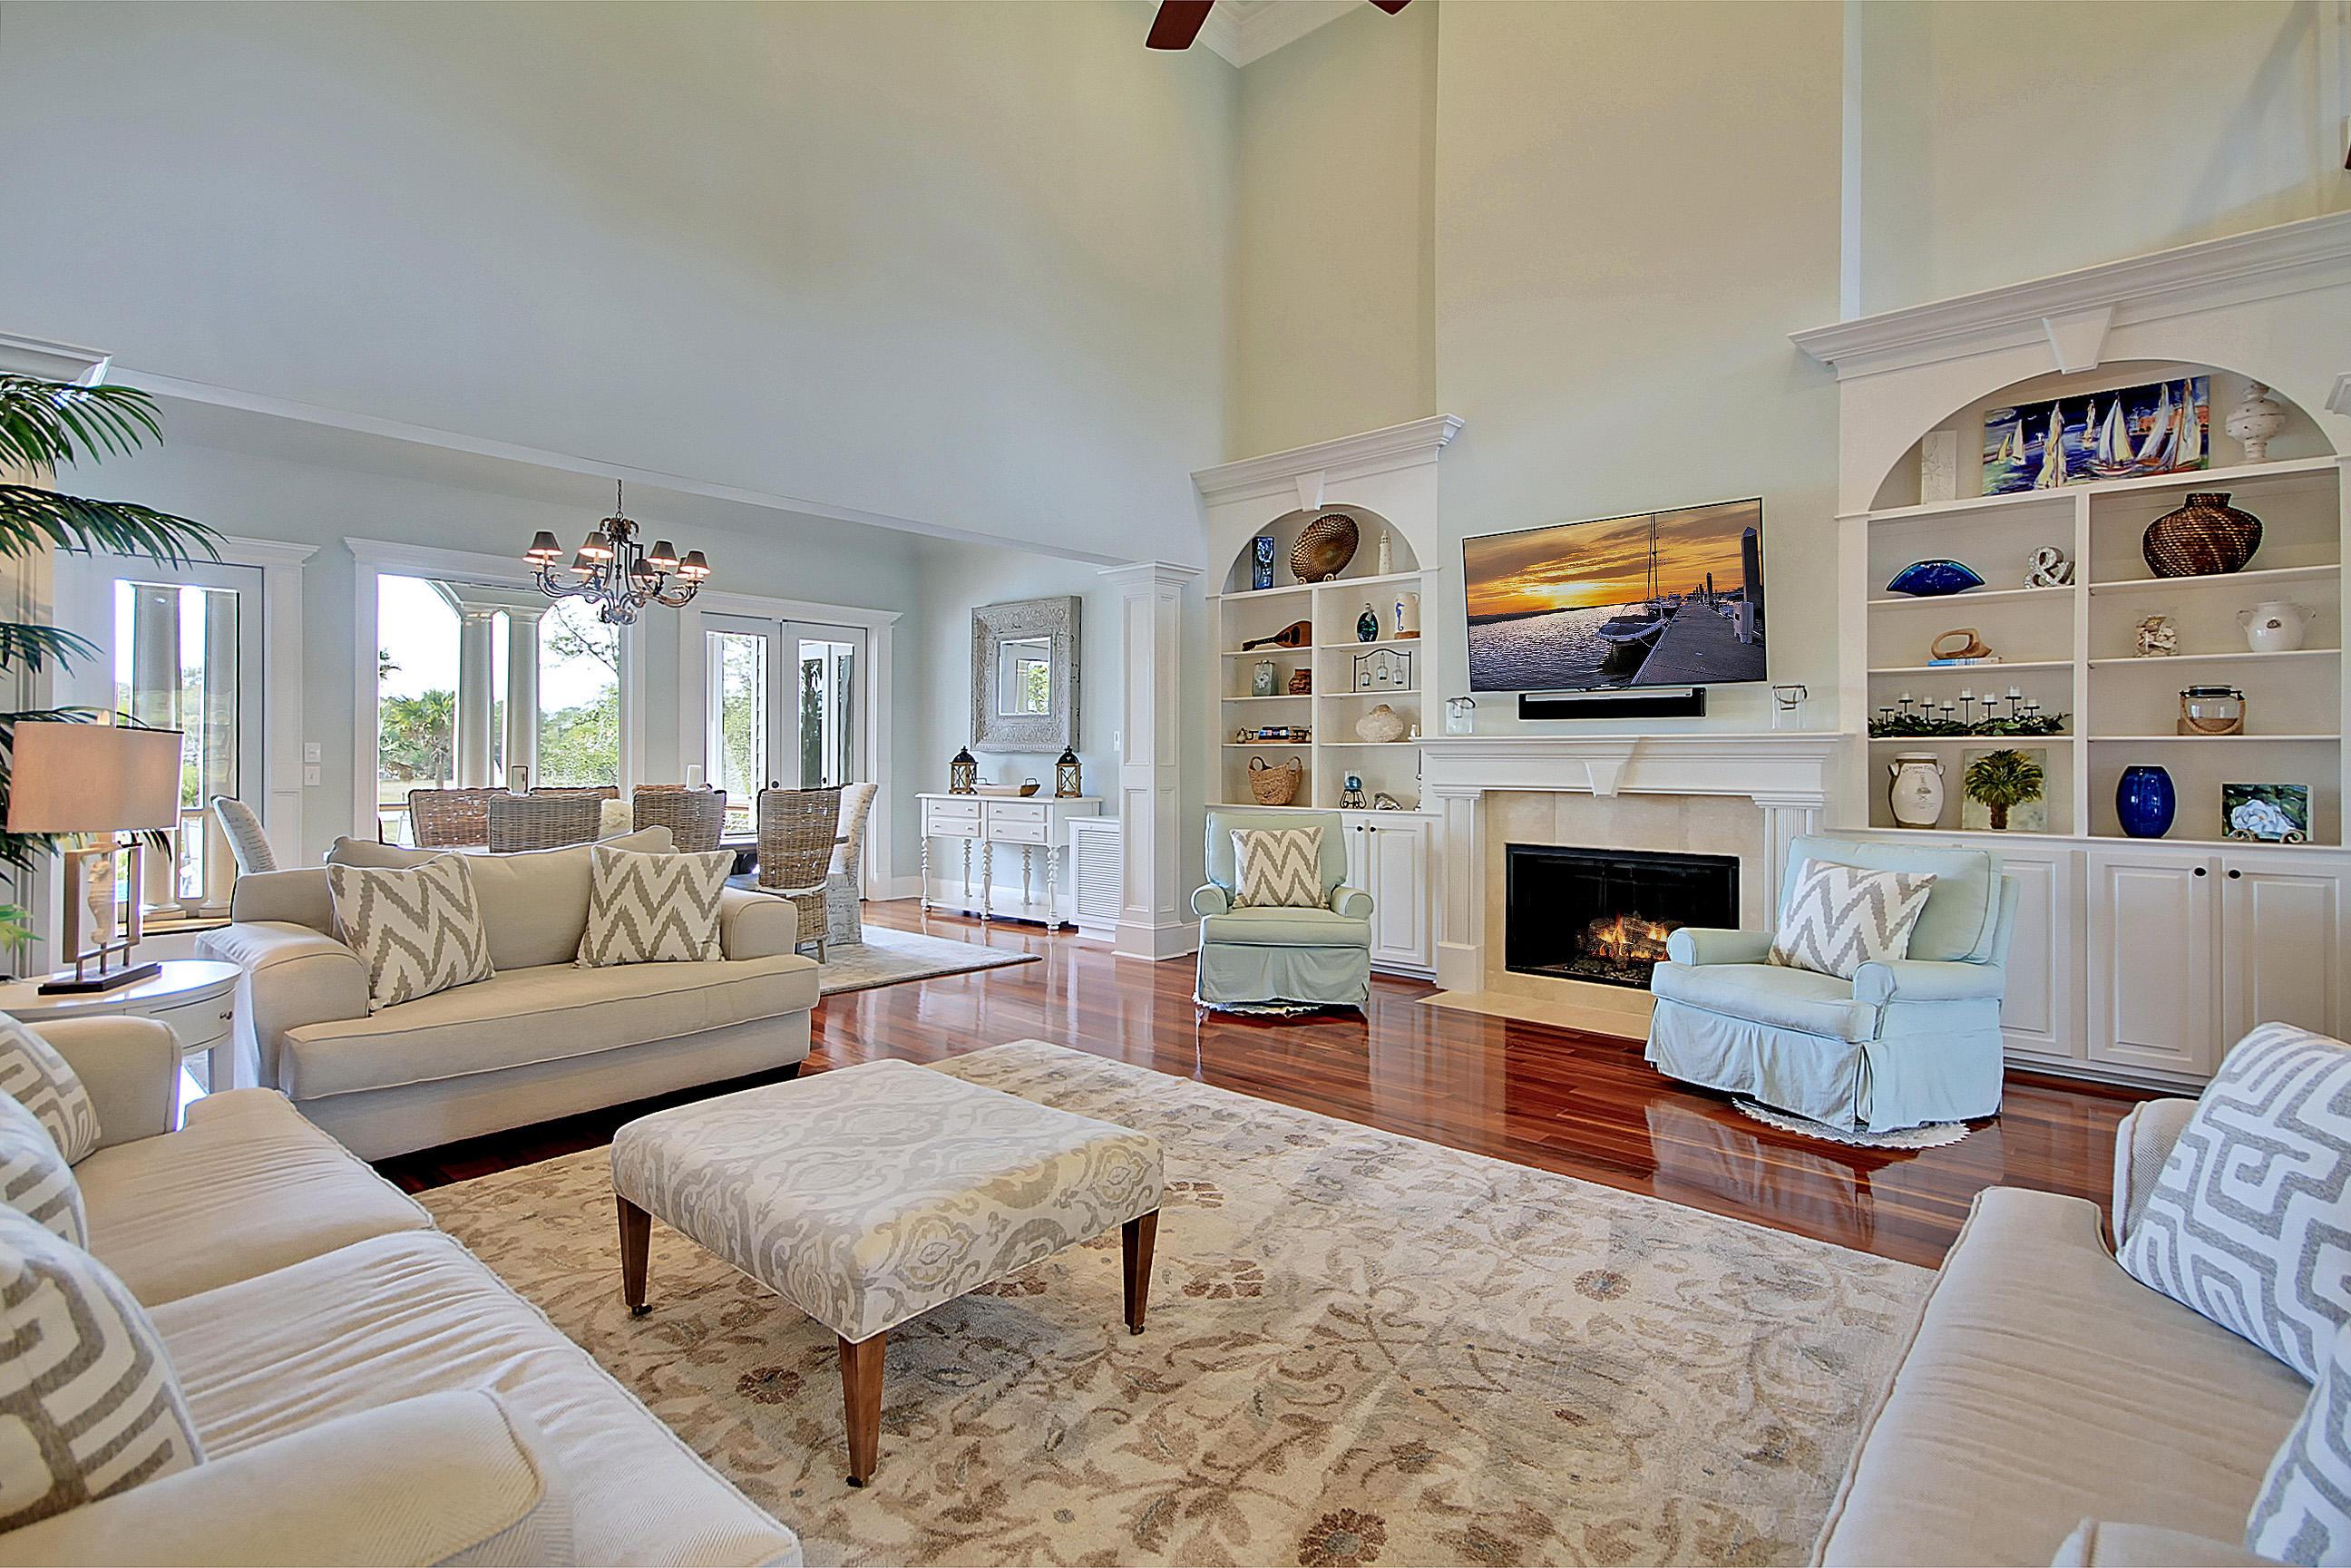 Park West Homes For Sale - 3940 Ashton Shore, Mount Pleasant, SC - 33